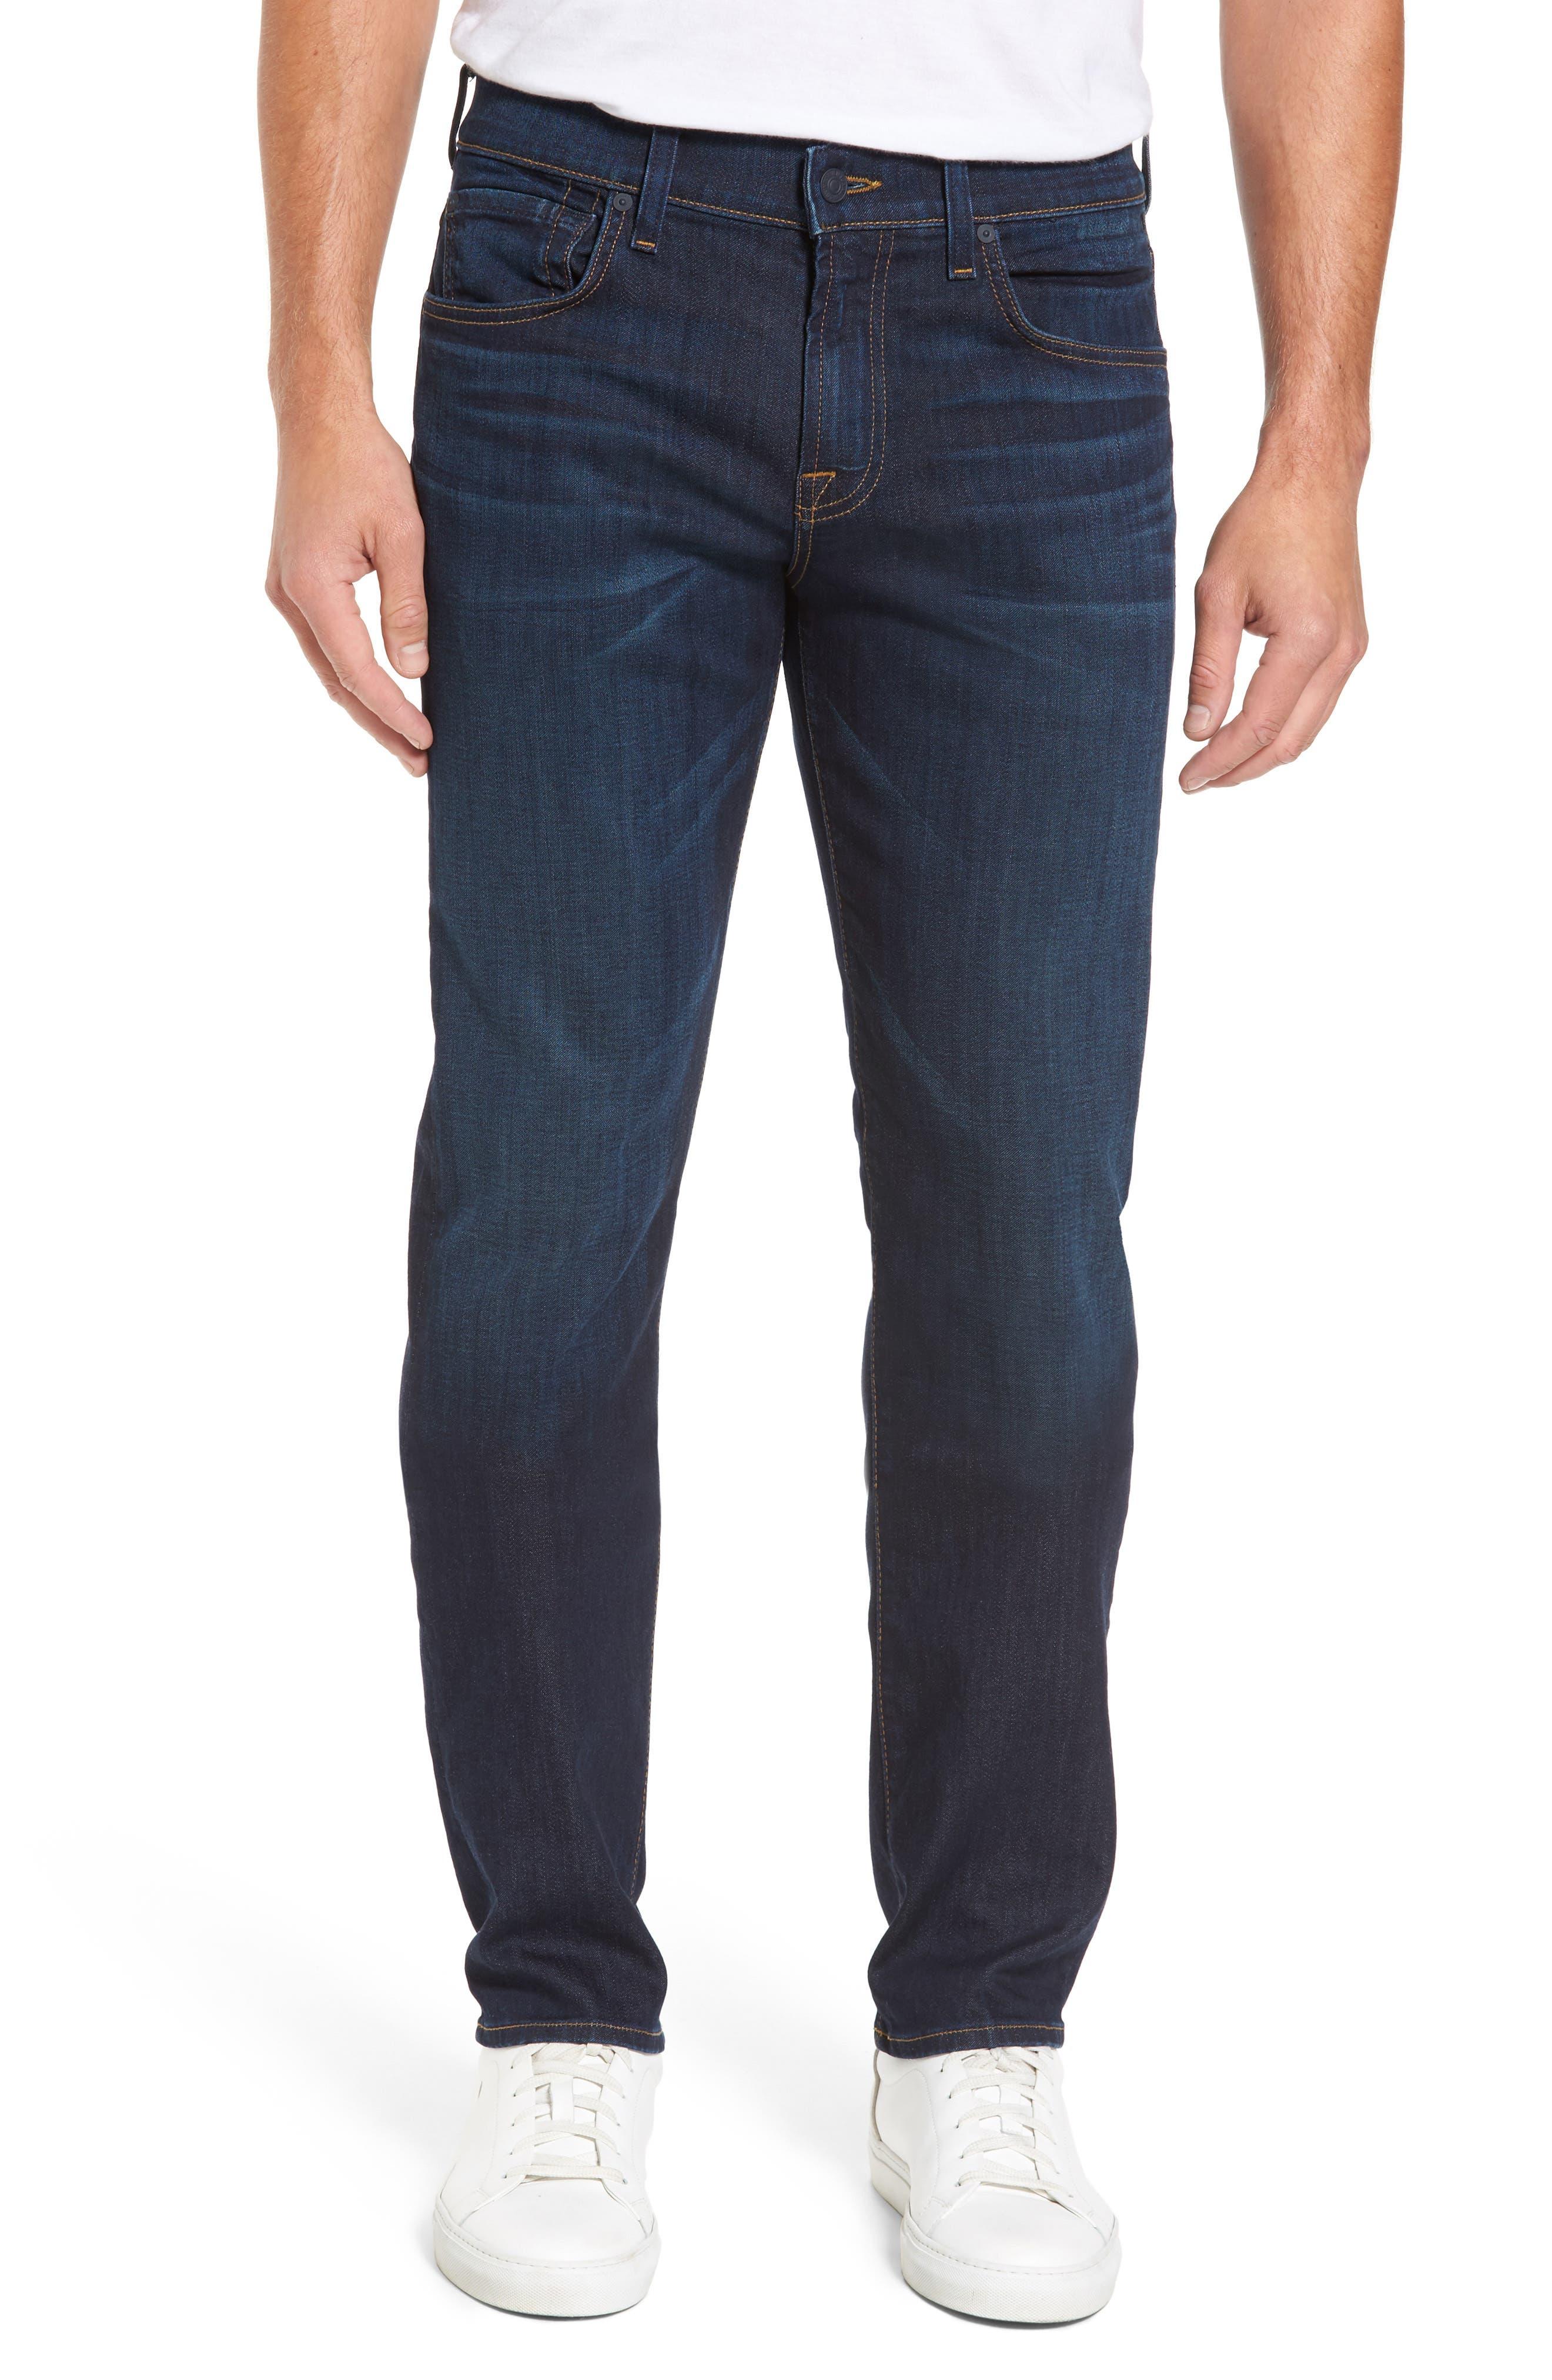 Pantalones Cortos Para Correr Nike Mens 7 Para Todos Los Pantalones Vaqueros De La Humanidad cuánto precio barato dKHhL